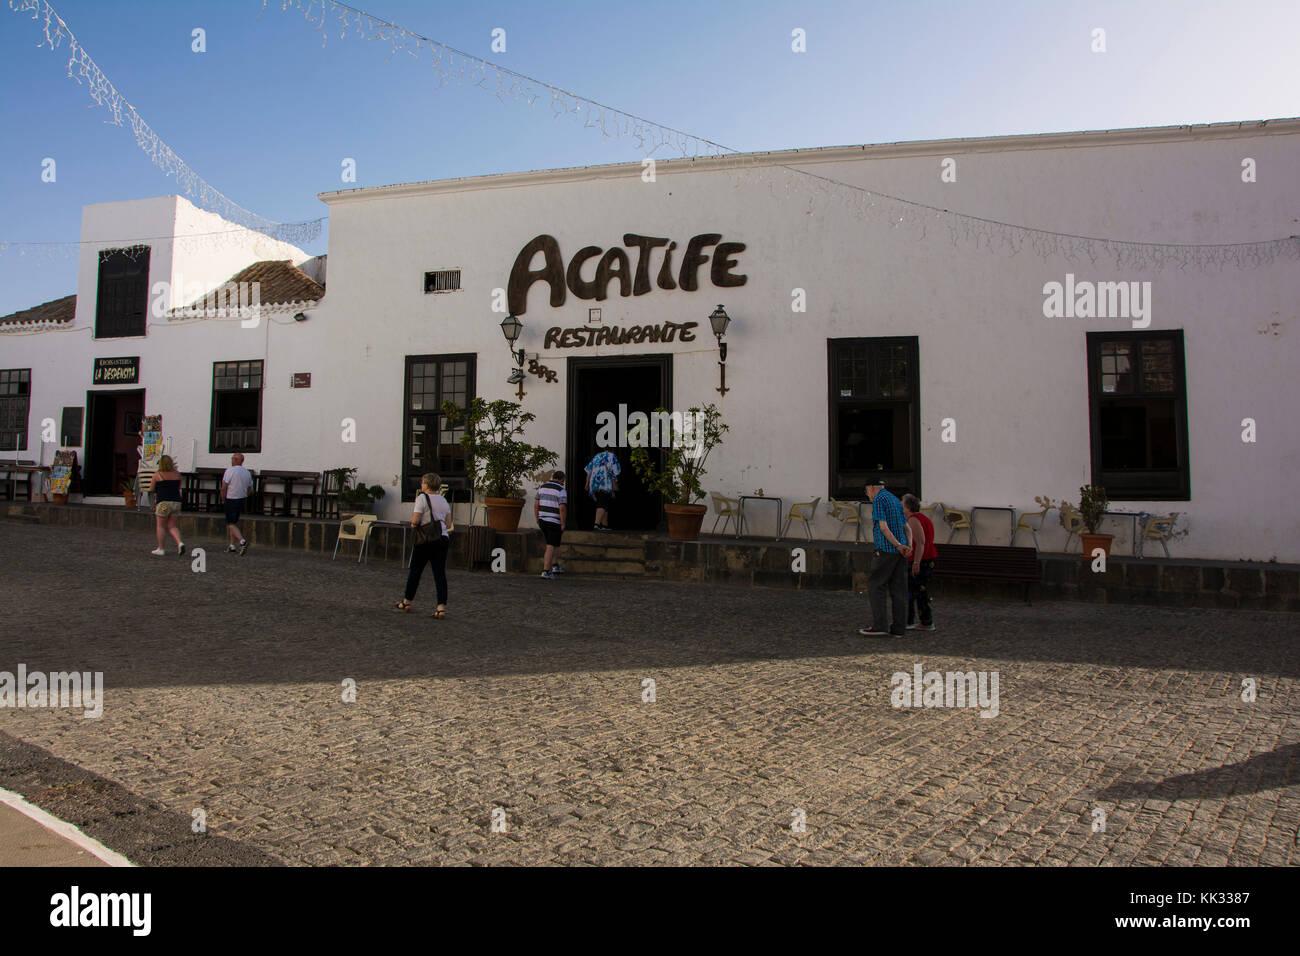 Acatife restaurant Hauptplatz in Teguise auf Lanzarote auf den Kanarischen Inseln Stockbild